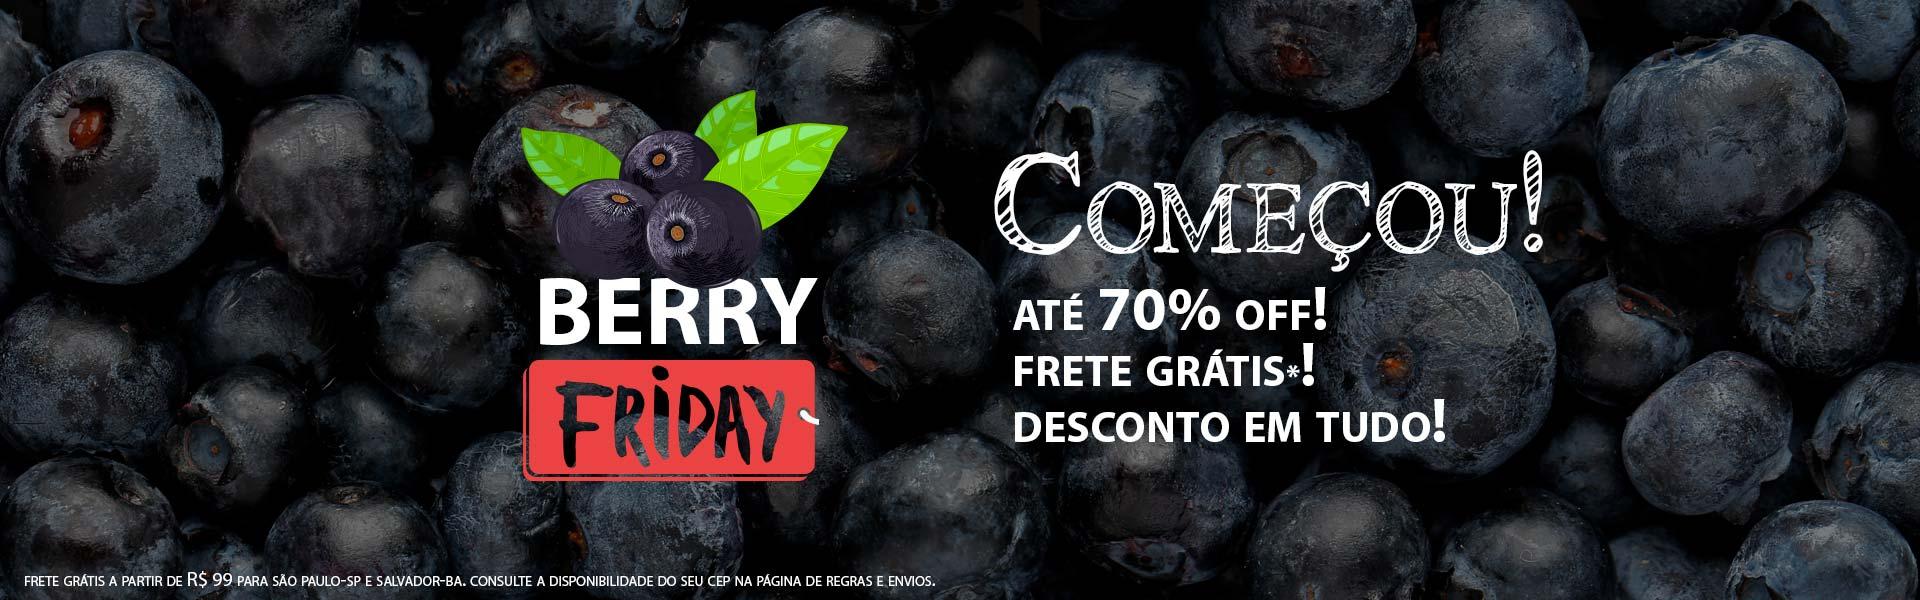 Berry Friday Começou!